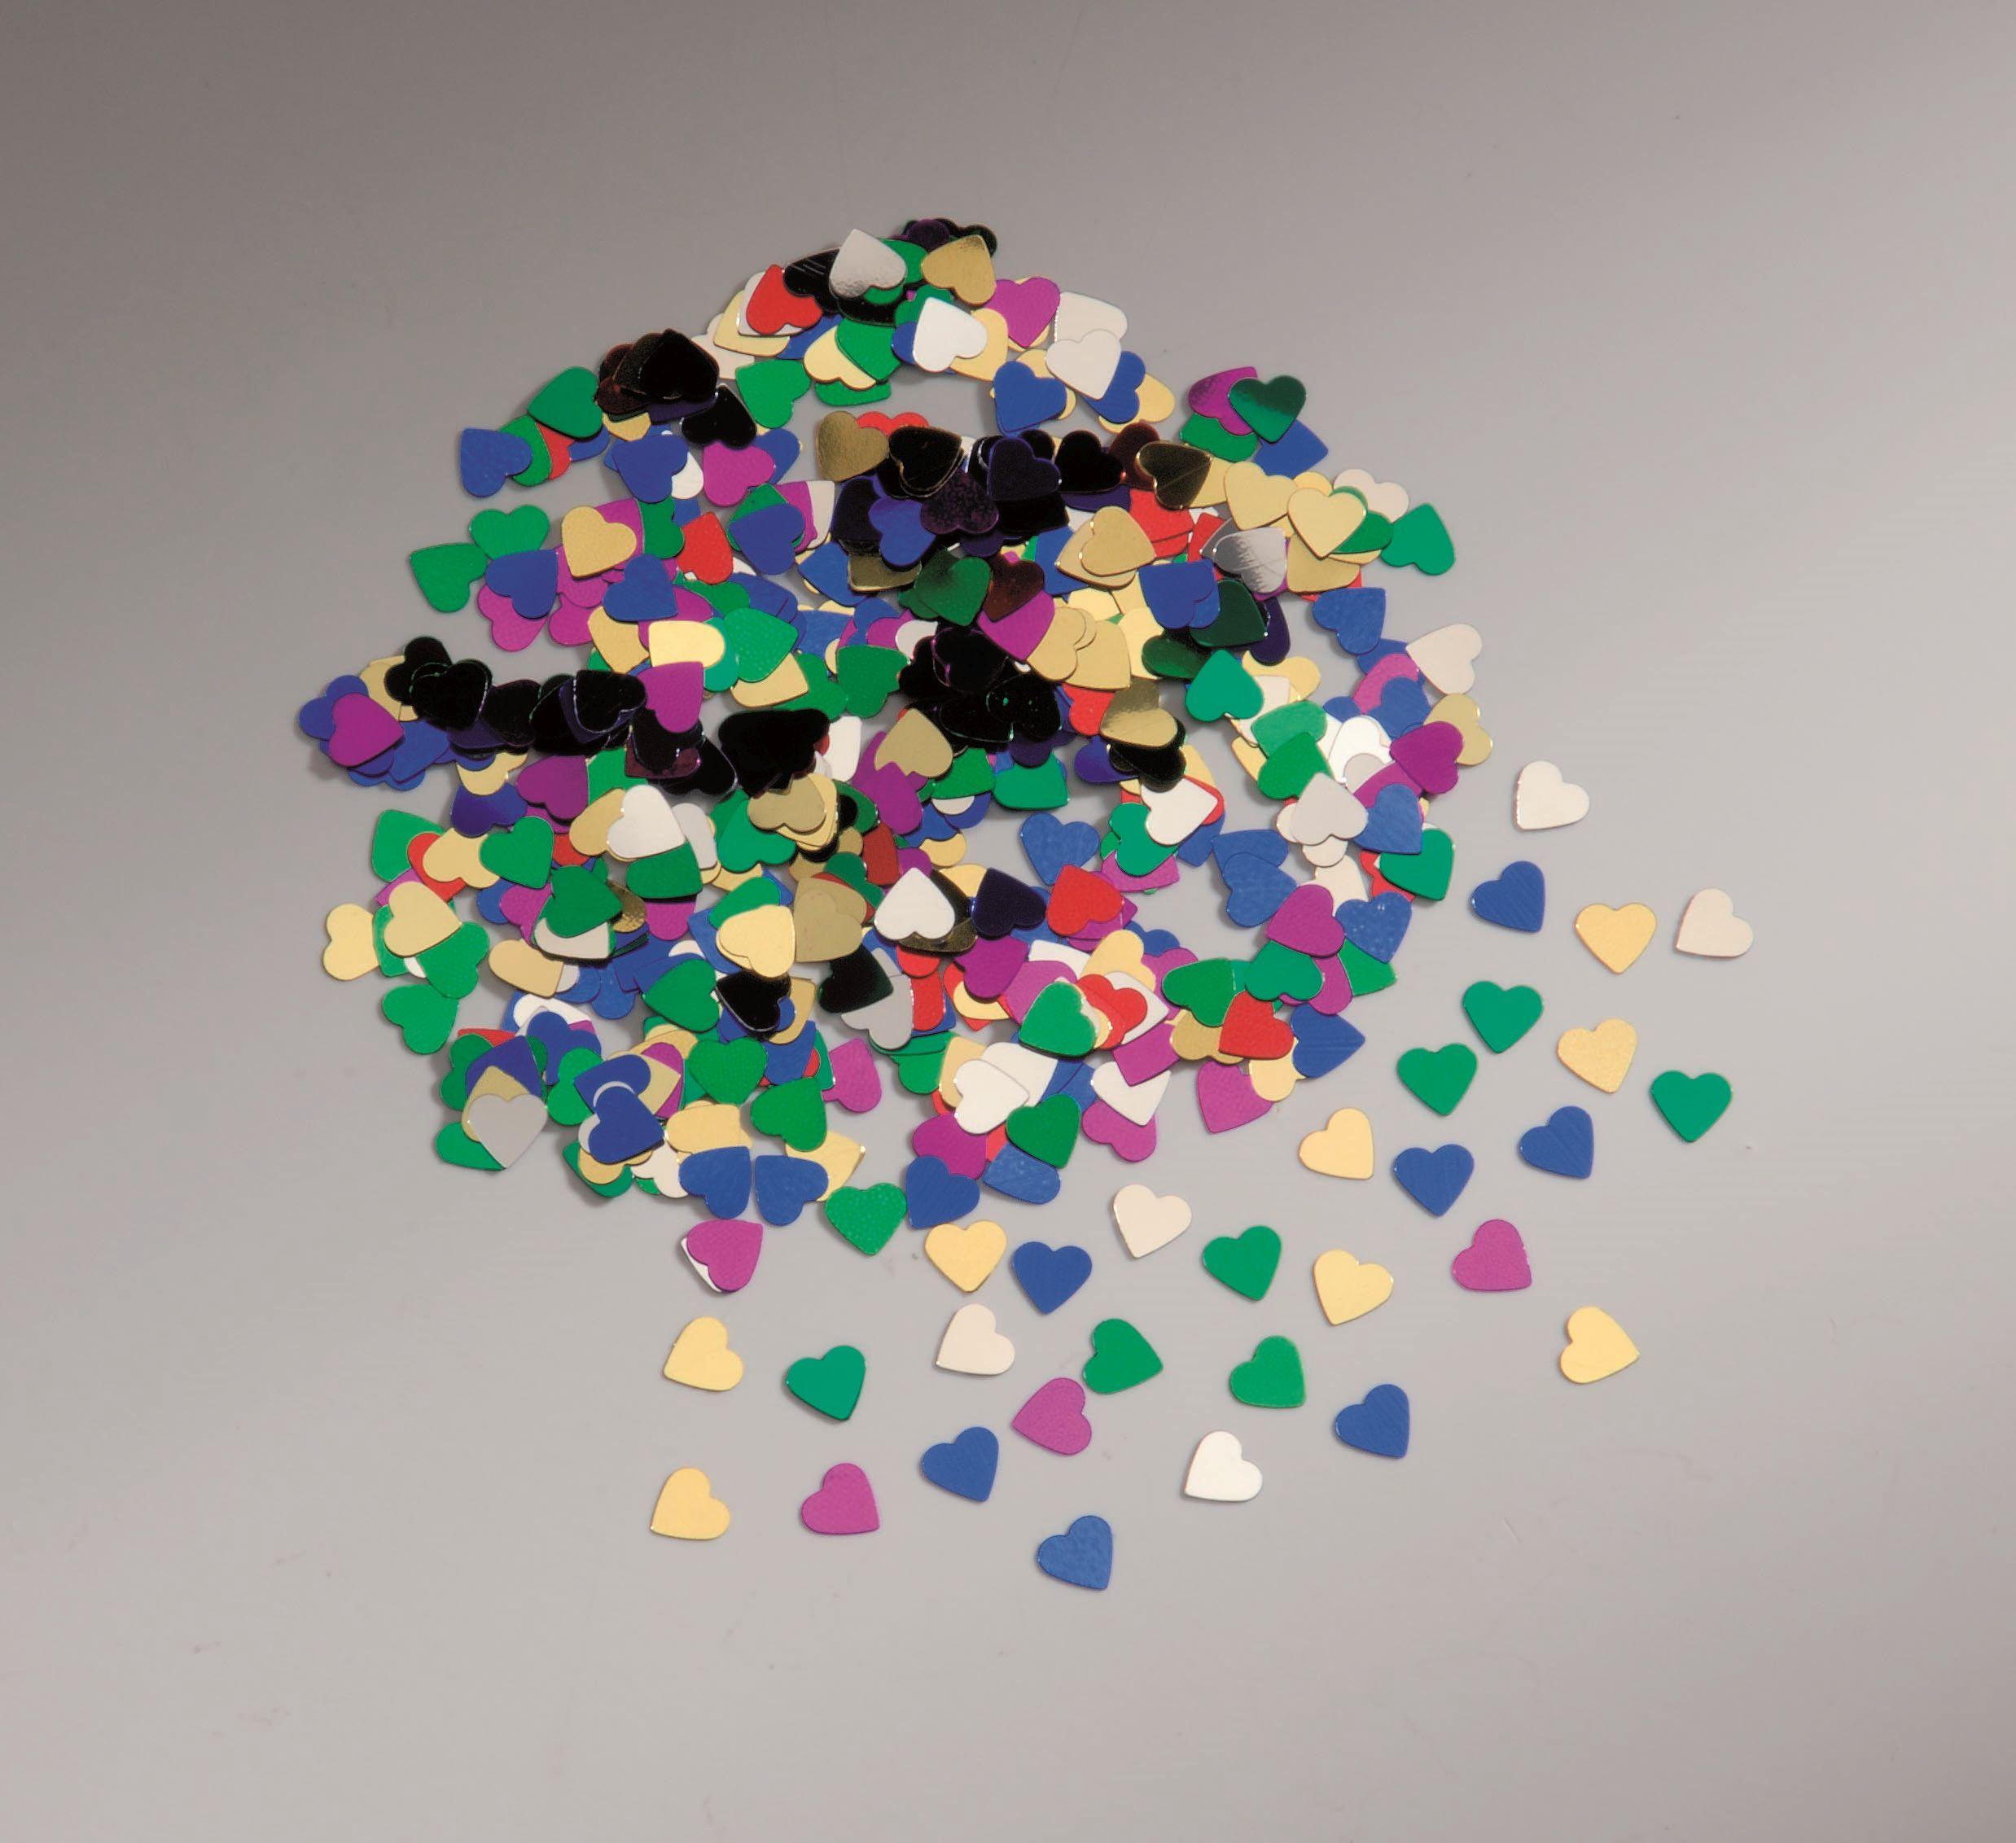 66300200 Пайетки 'Сердца', разноцветный, 6 мм, упак./2 гр., Glorex